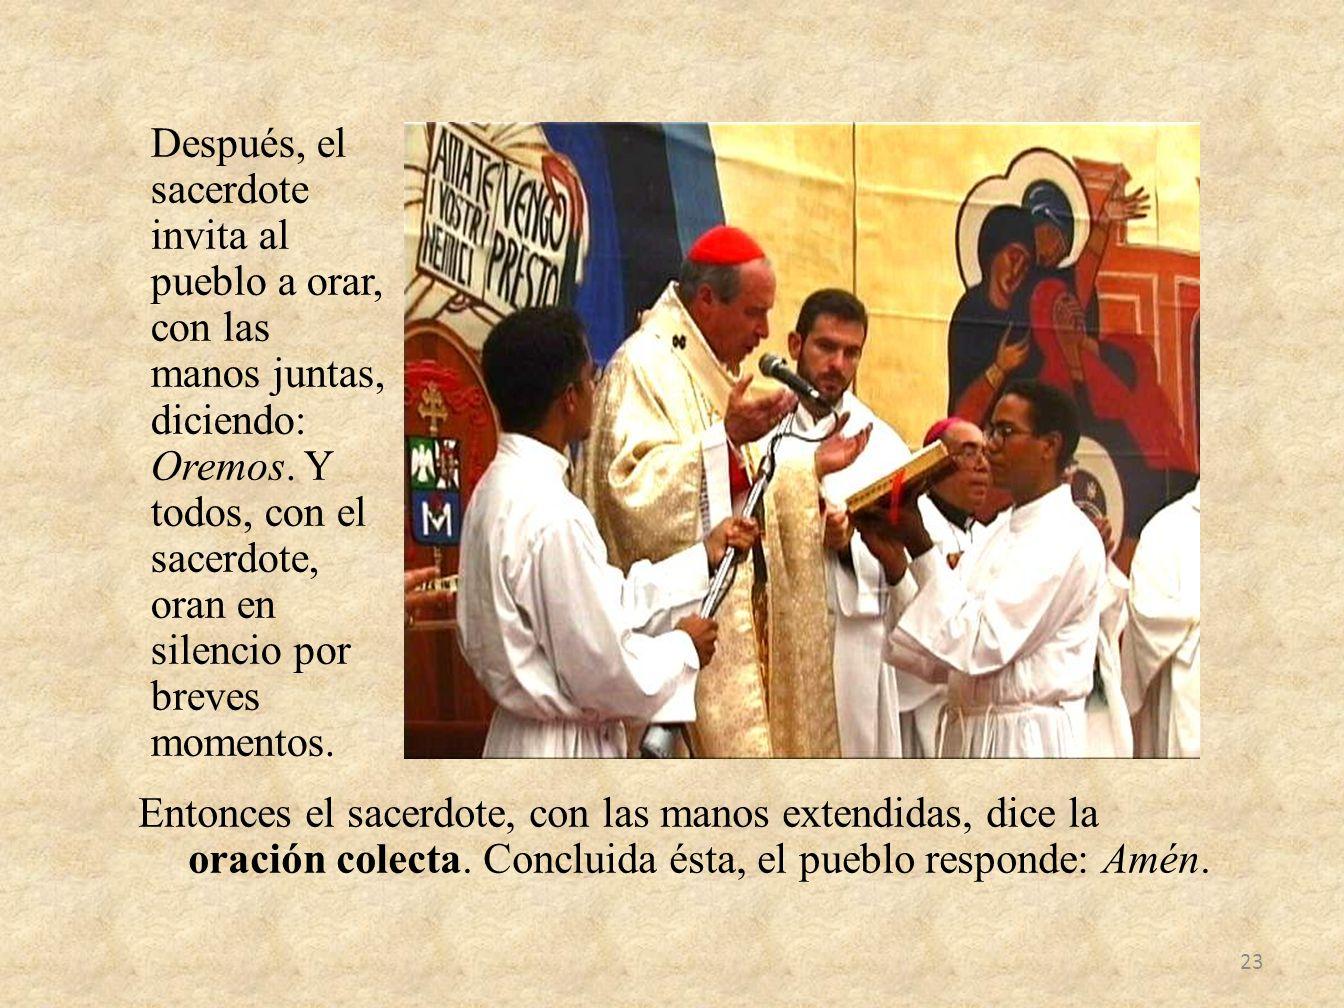 Después, el sacerdote invita al pueblo a orar, con las manos juntas, diciendo: Oremos. Y todos, con el sacerdote, oran en silencio por breves momentos.